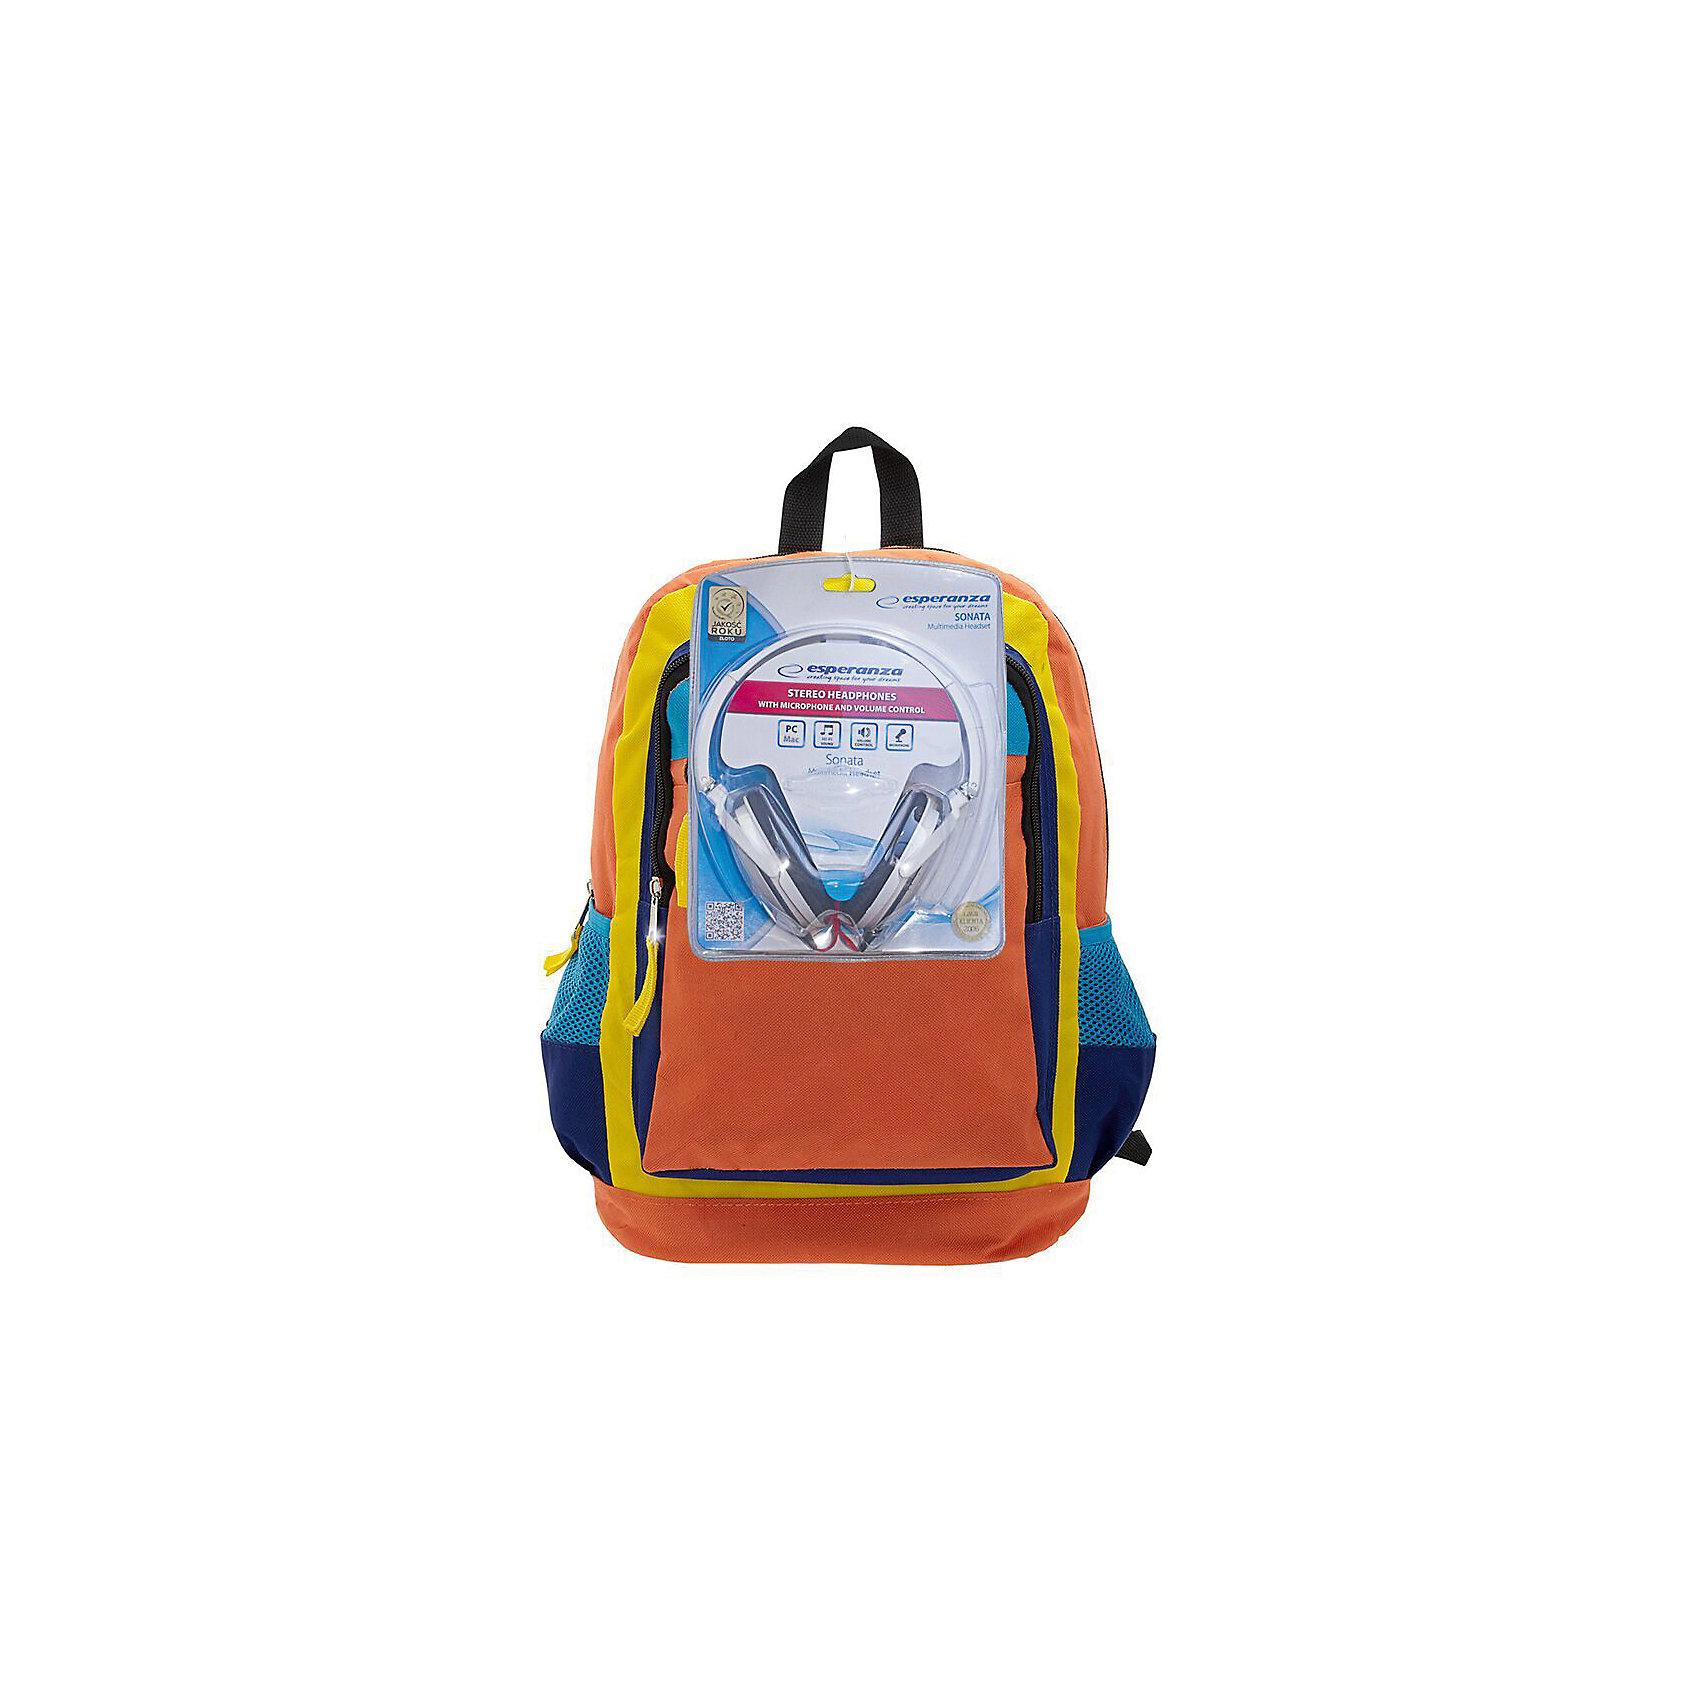 Рюкзак Оранжевое настроение с наушниками, цвет оранжевый с синимРюкзаки<br>Вес: 0,5 кг<br>Размер: 40х32х13 см<br>Состав: рюкзак с наушниками<br>Наличие светоотражающих элементов: нет<br>Материал: полиэстер<br><br>Ширина мм: 380<br>Глубина мм: 280<br>Высота мм: 160<br>Вес г: 500<br>Возраст от месяцев: 84<br>Возраст до месяцев: 720<br>Пол: Унисекс<br>Возраст: Детский<br>SKU: 7054032